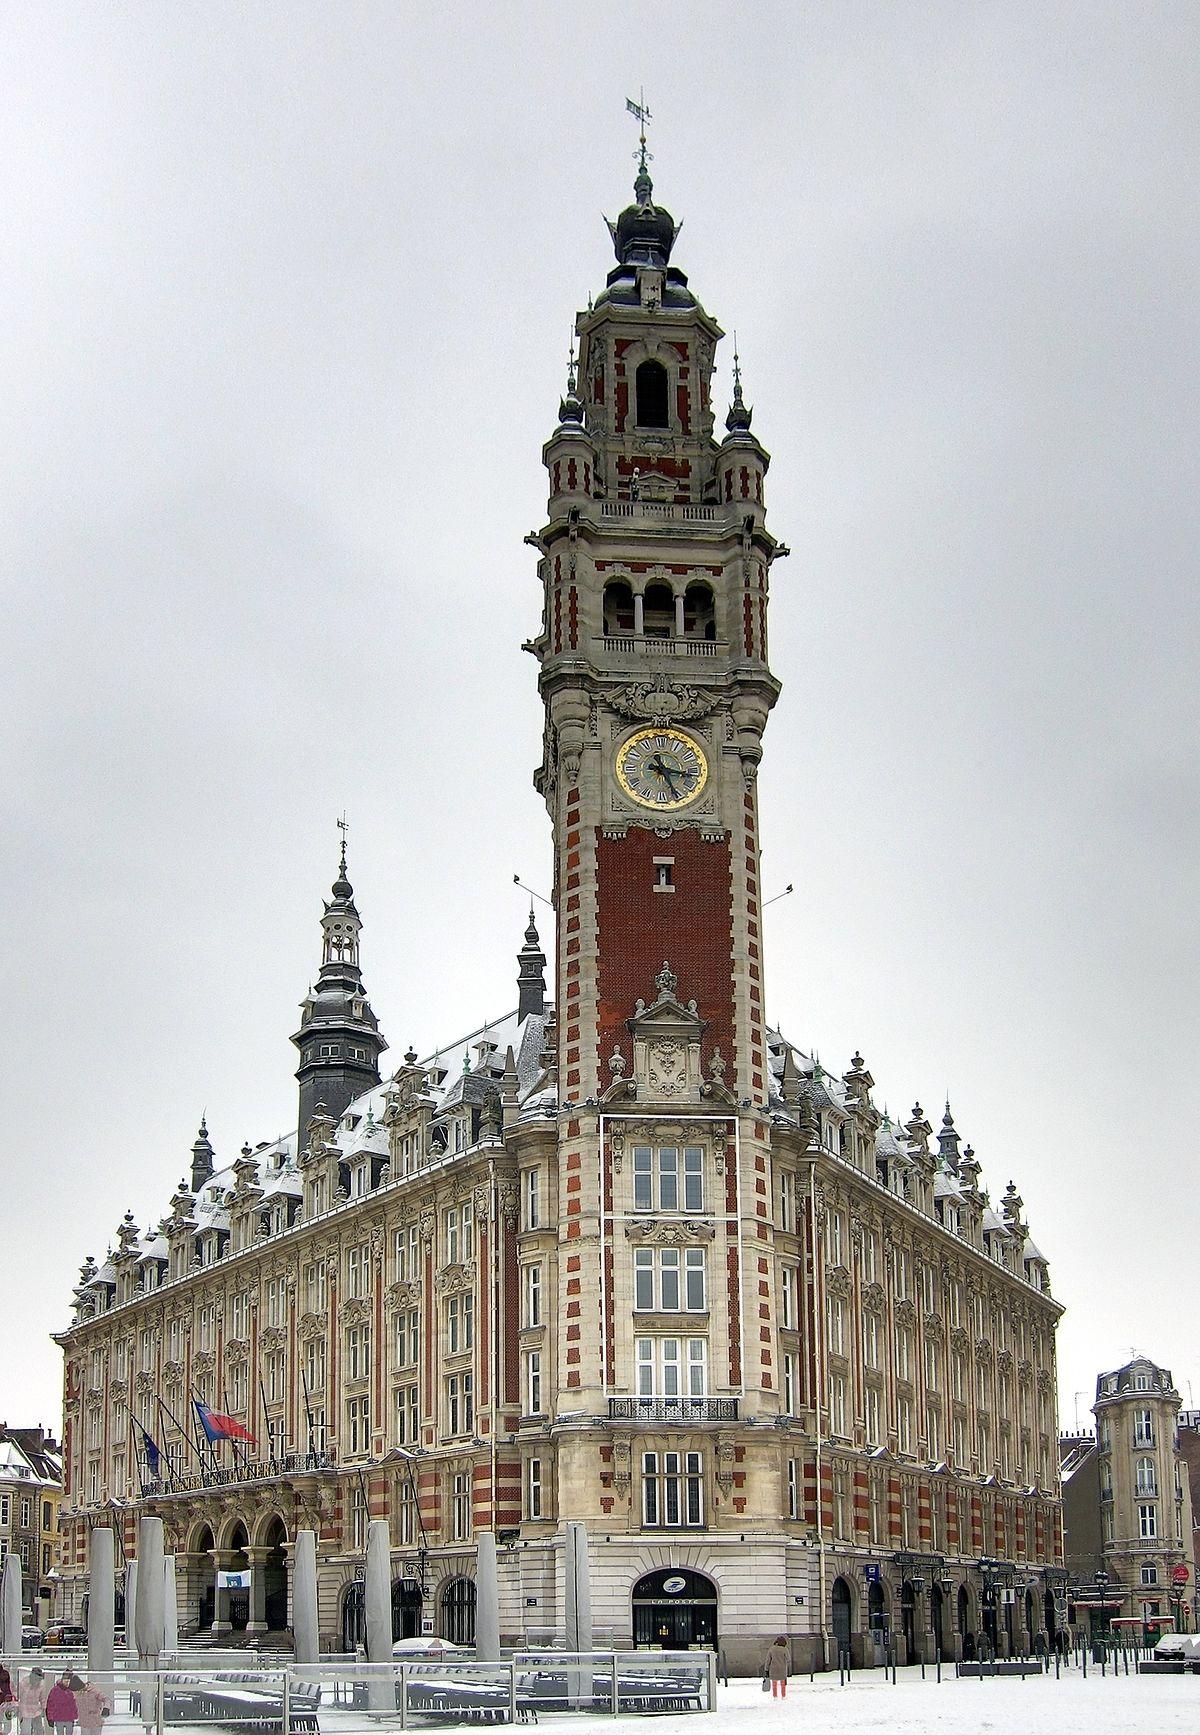 Chambre De Commerce Et D'Industrie Grand Lille — Wikipédia encequiconcerne Chambre Des Métiers Lille